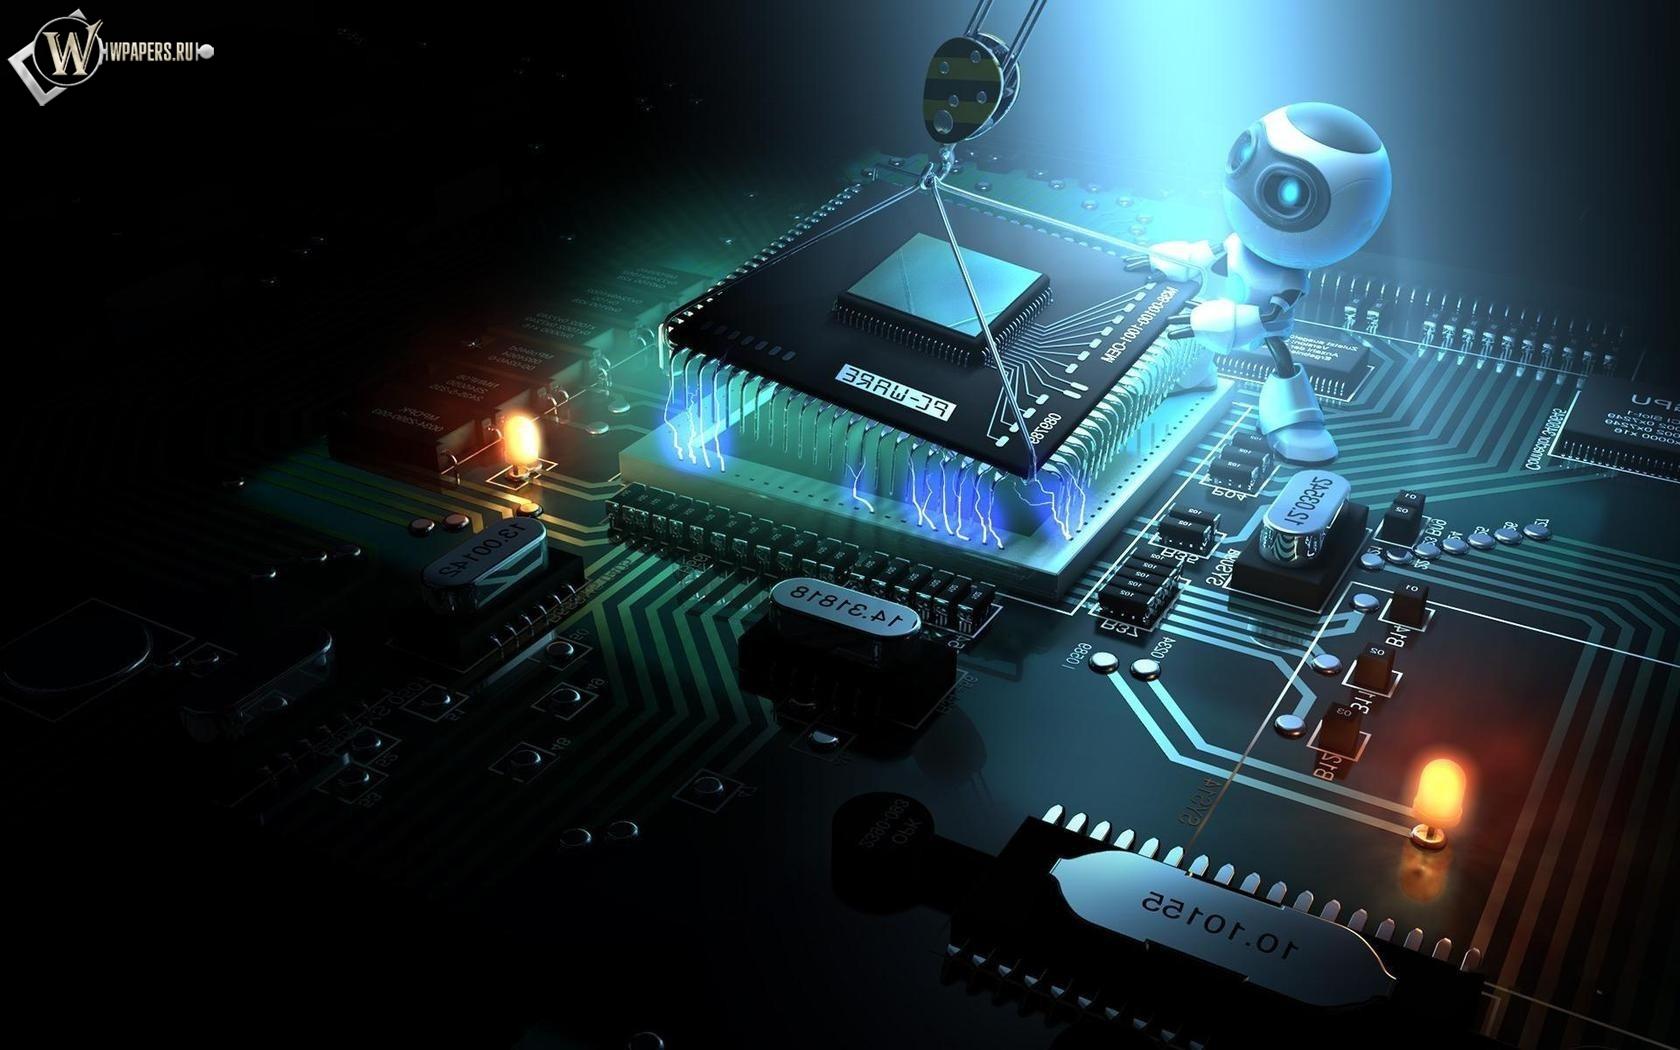 Установка процессора роботом 1680x1050